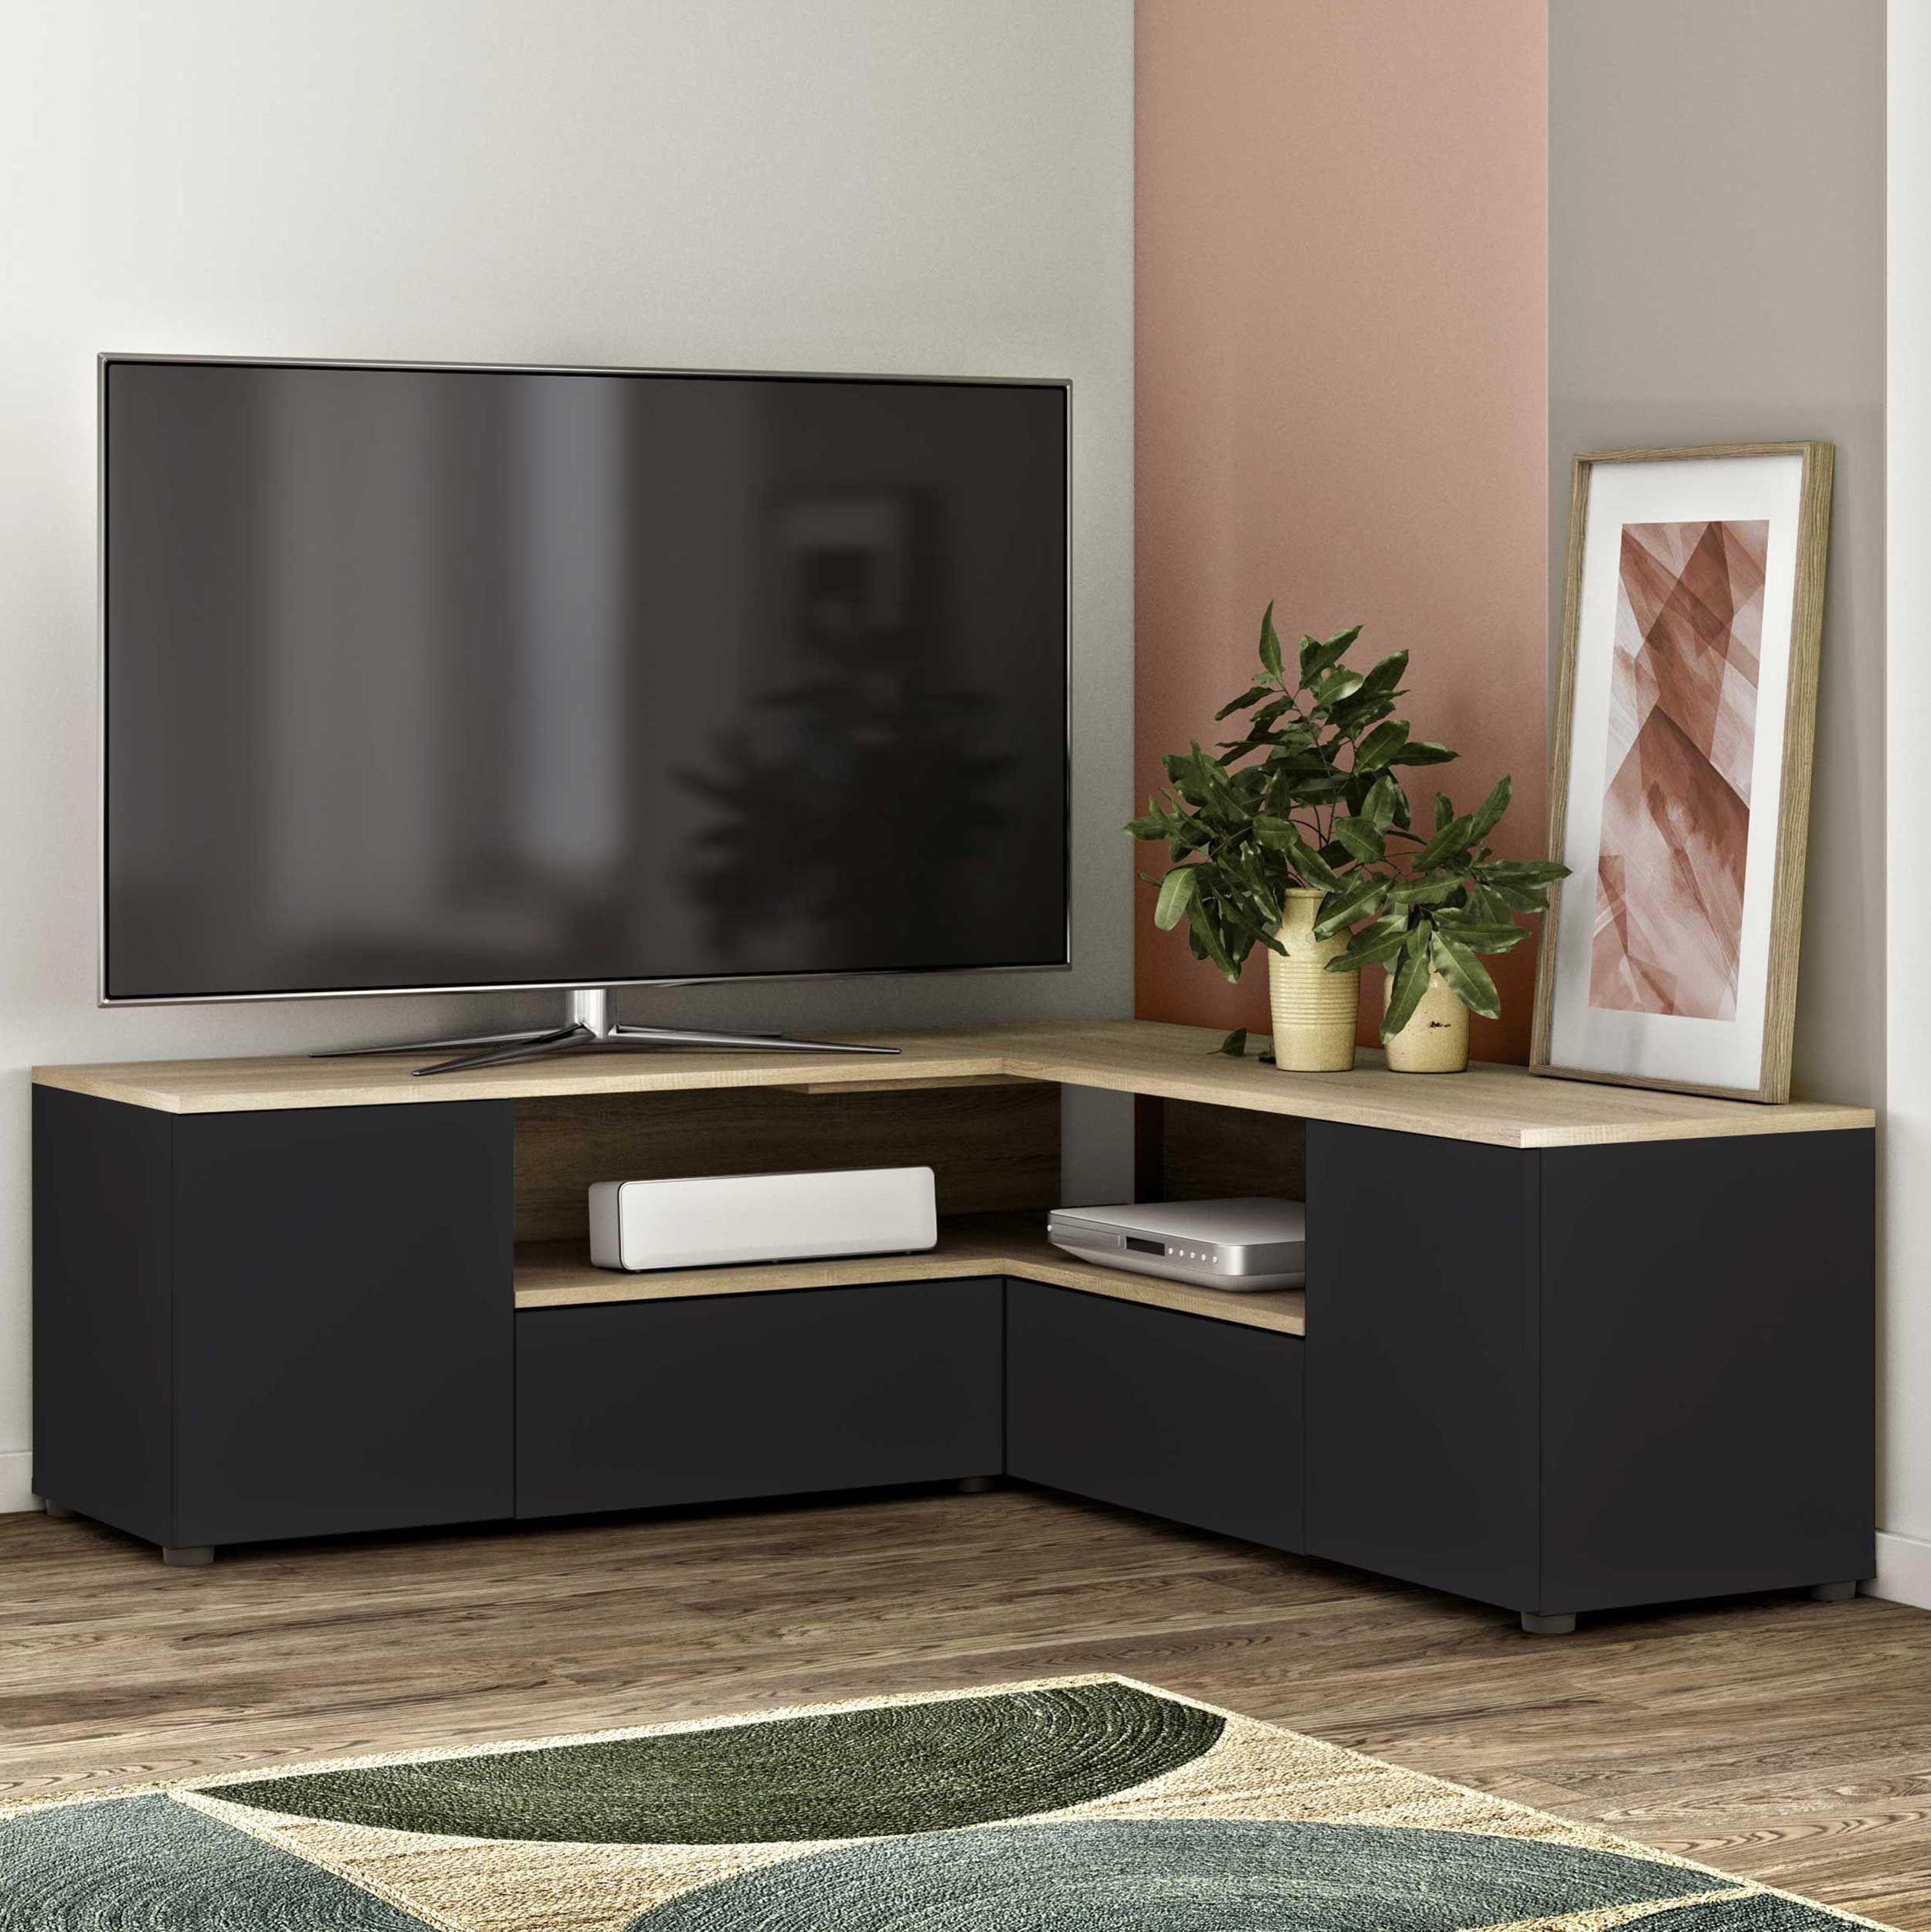 Tv units Tv-units Tv wall units Minimalist living rooms Tv ...